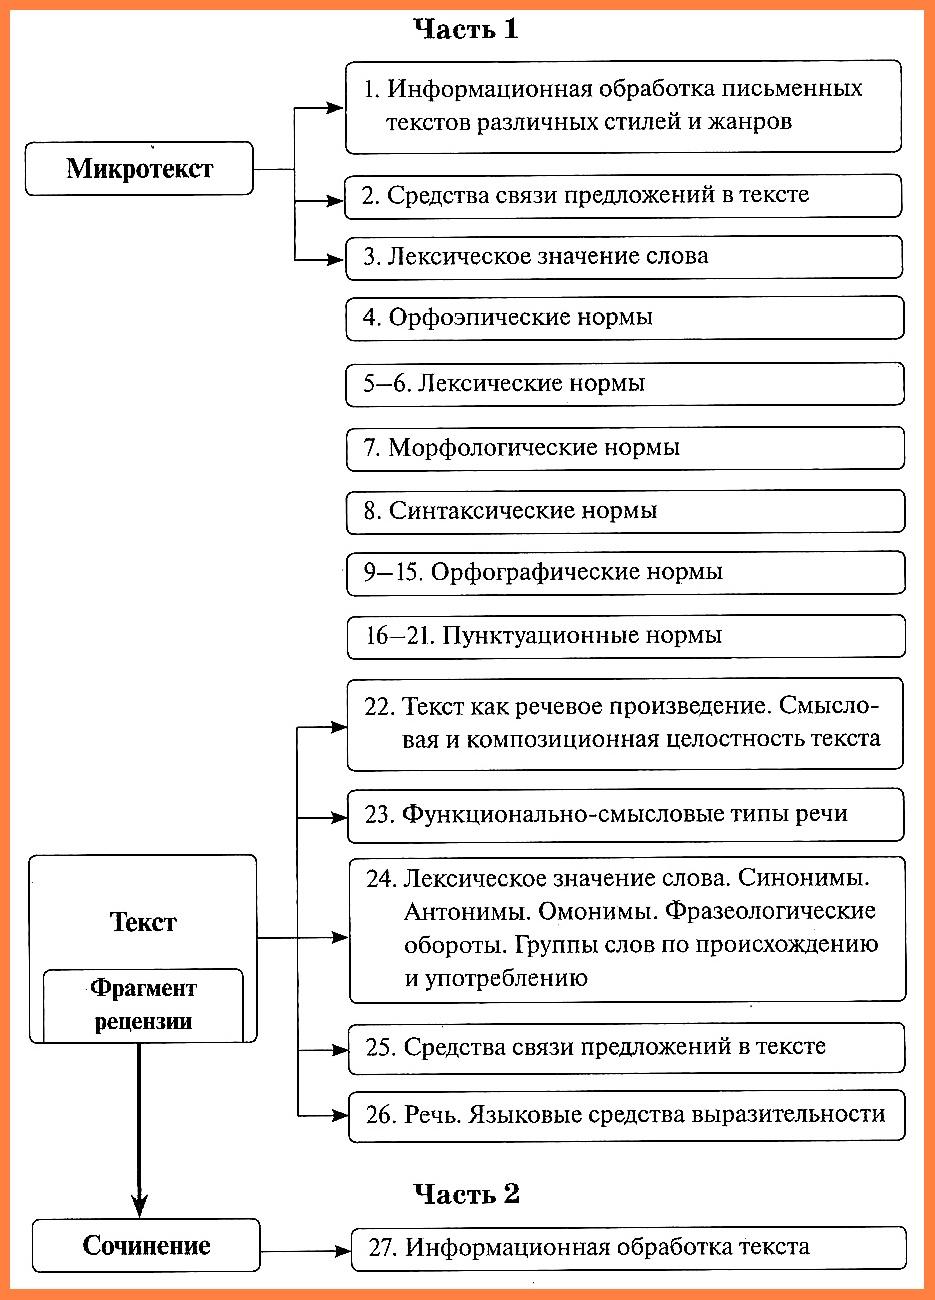 ЕГЭ Русский. Анализ заданий экзаменационной работы